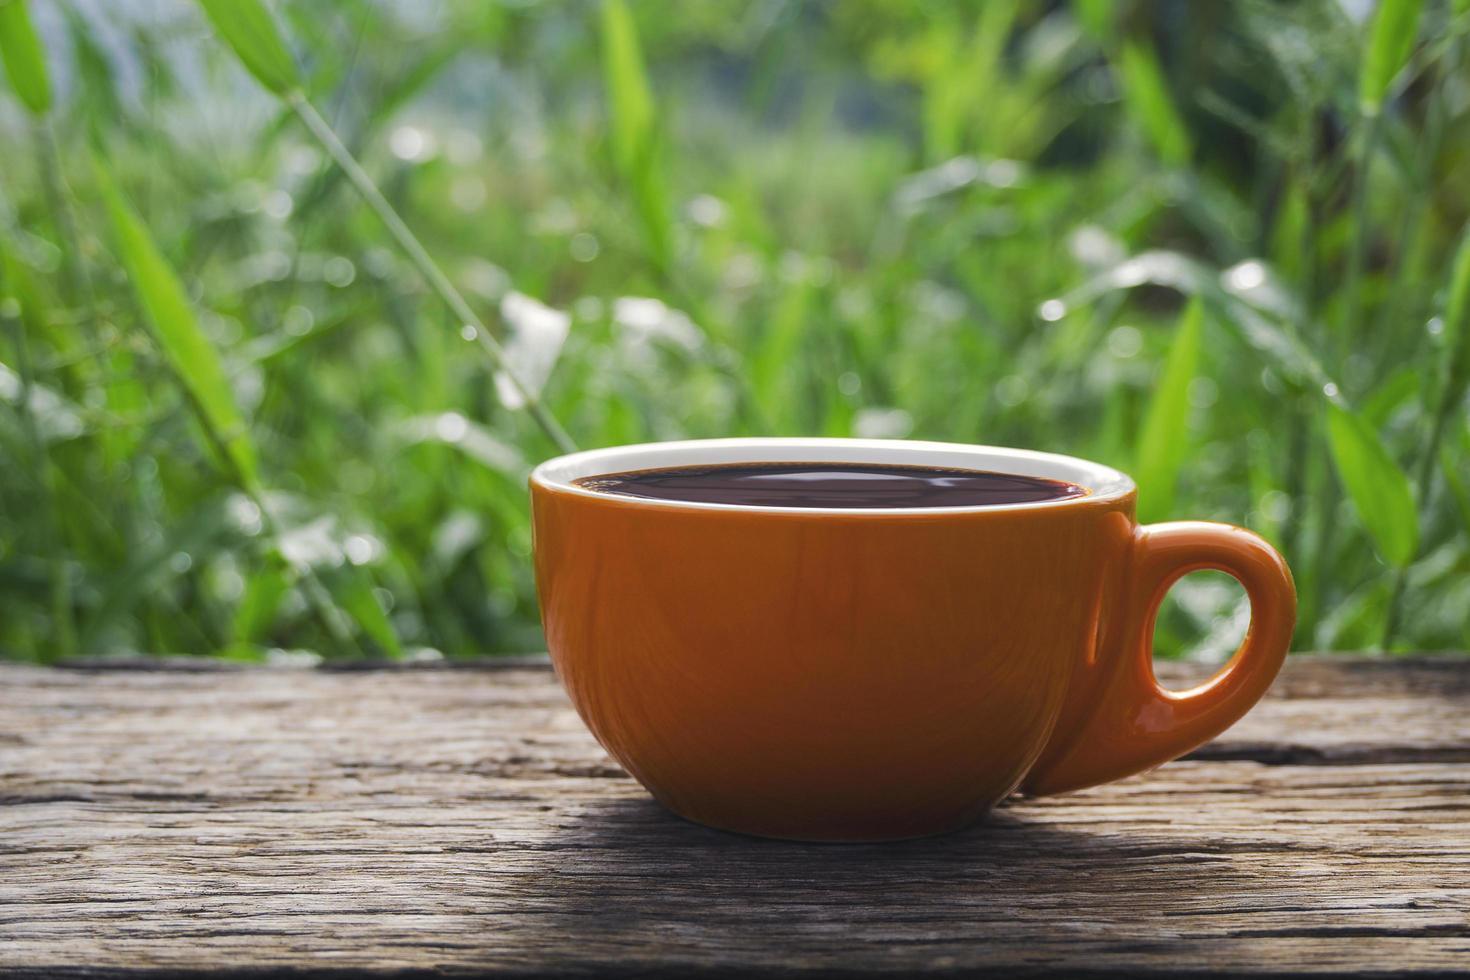 naranja taza de café en la mesa afuera foto